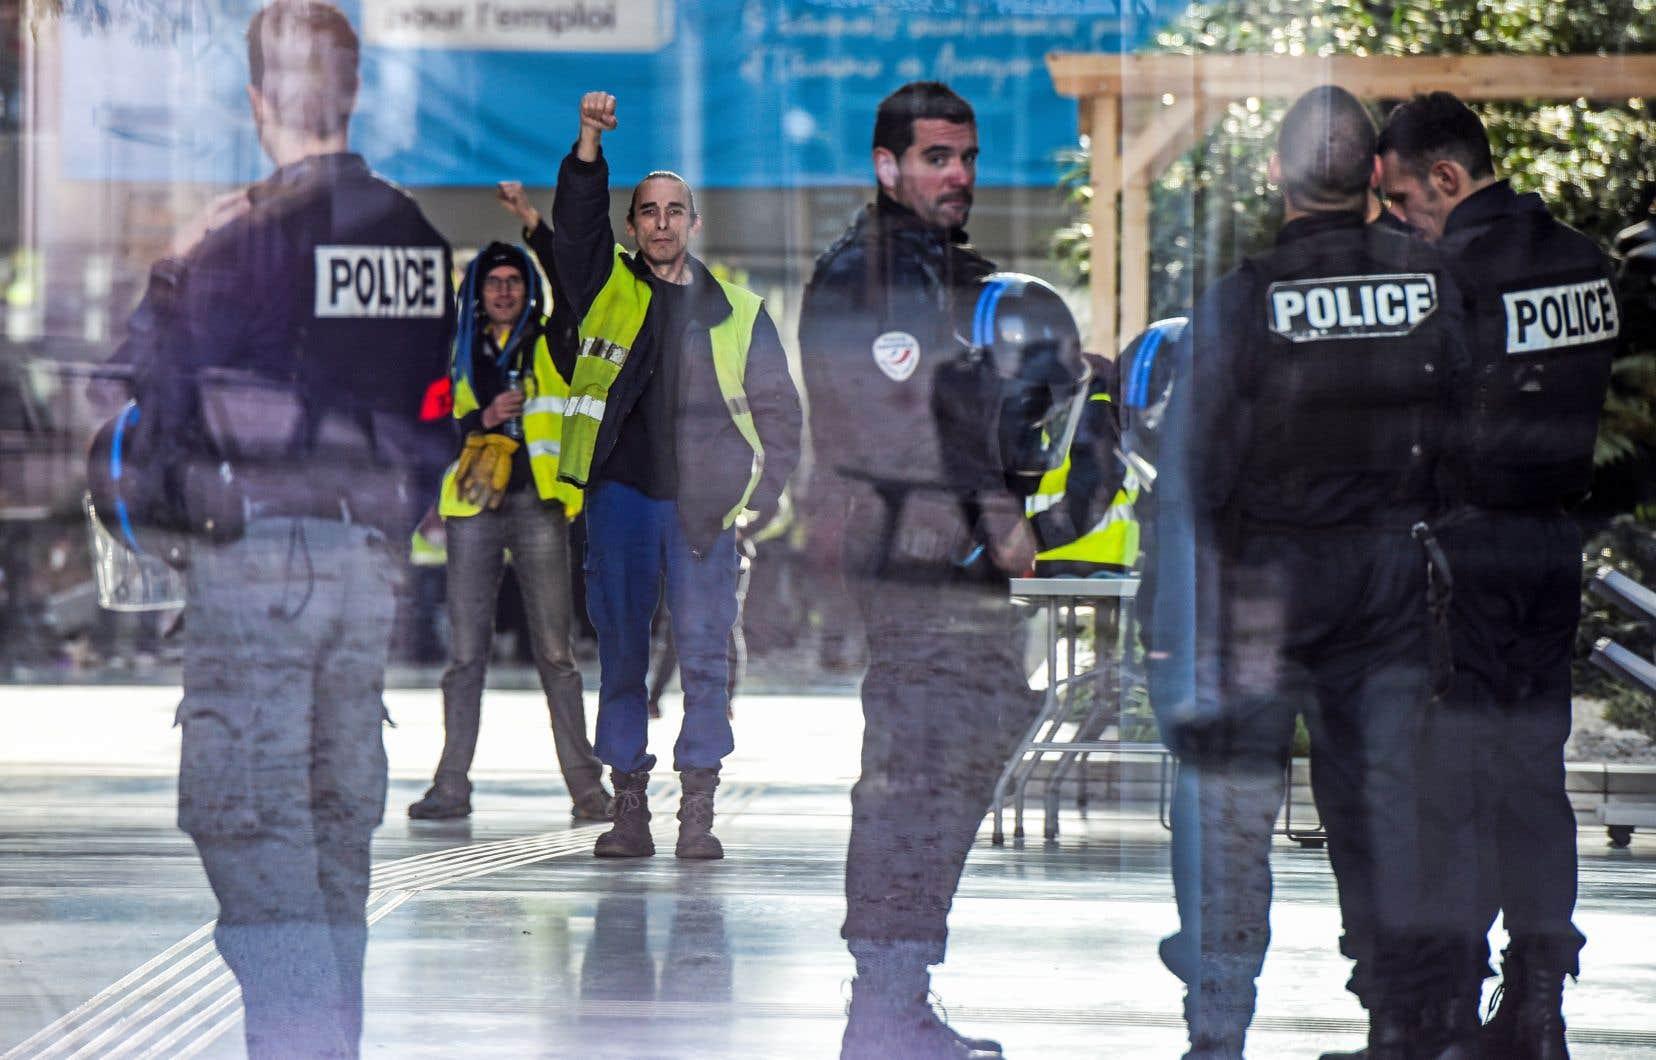 Des manifestants portant leurs gilets jaunes ont occupé vendredi pendant quelques heures l'Hôtel de Région, à Lyon, sous la surveillance de policiers.